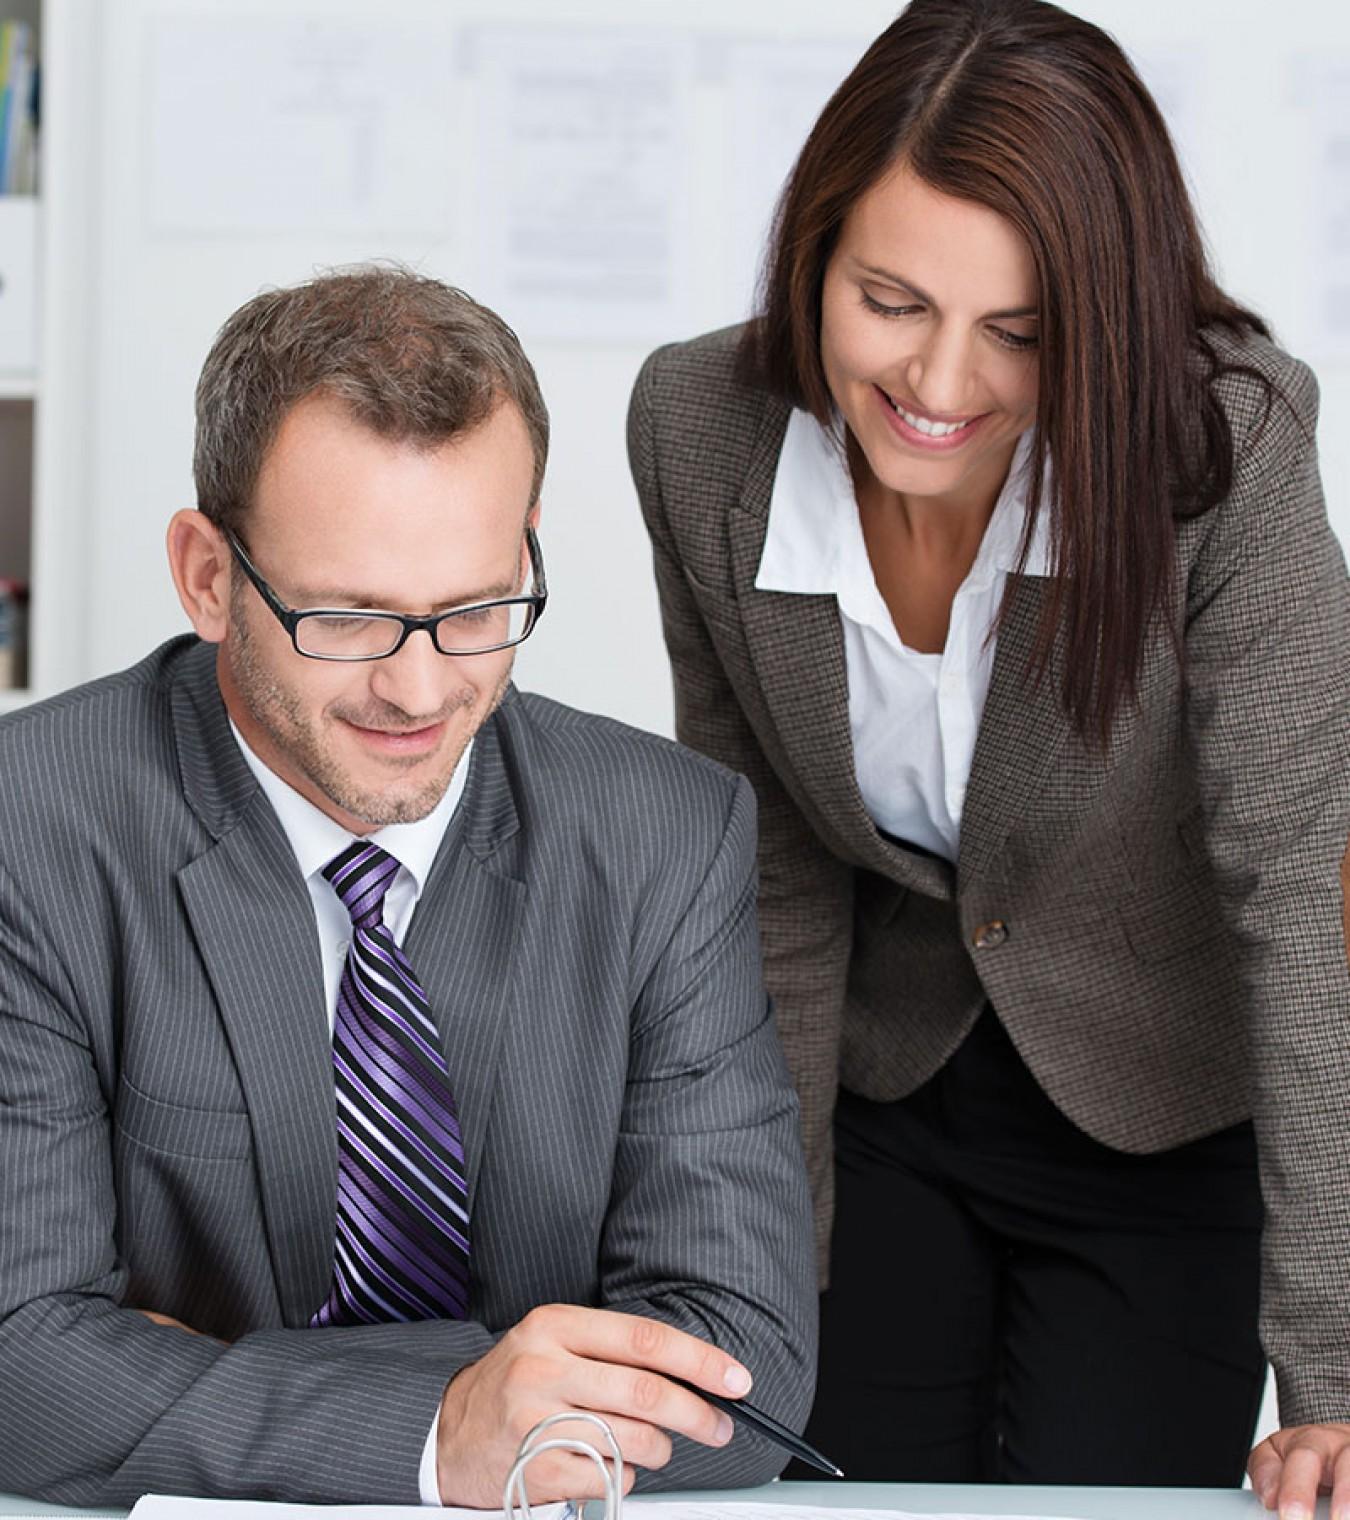 Team Leader / Supervisor Level 3 - testimonial